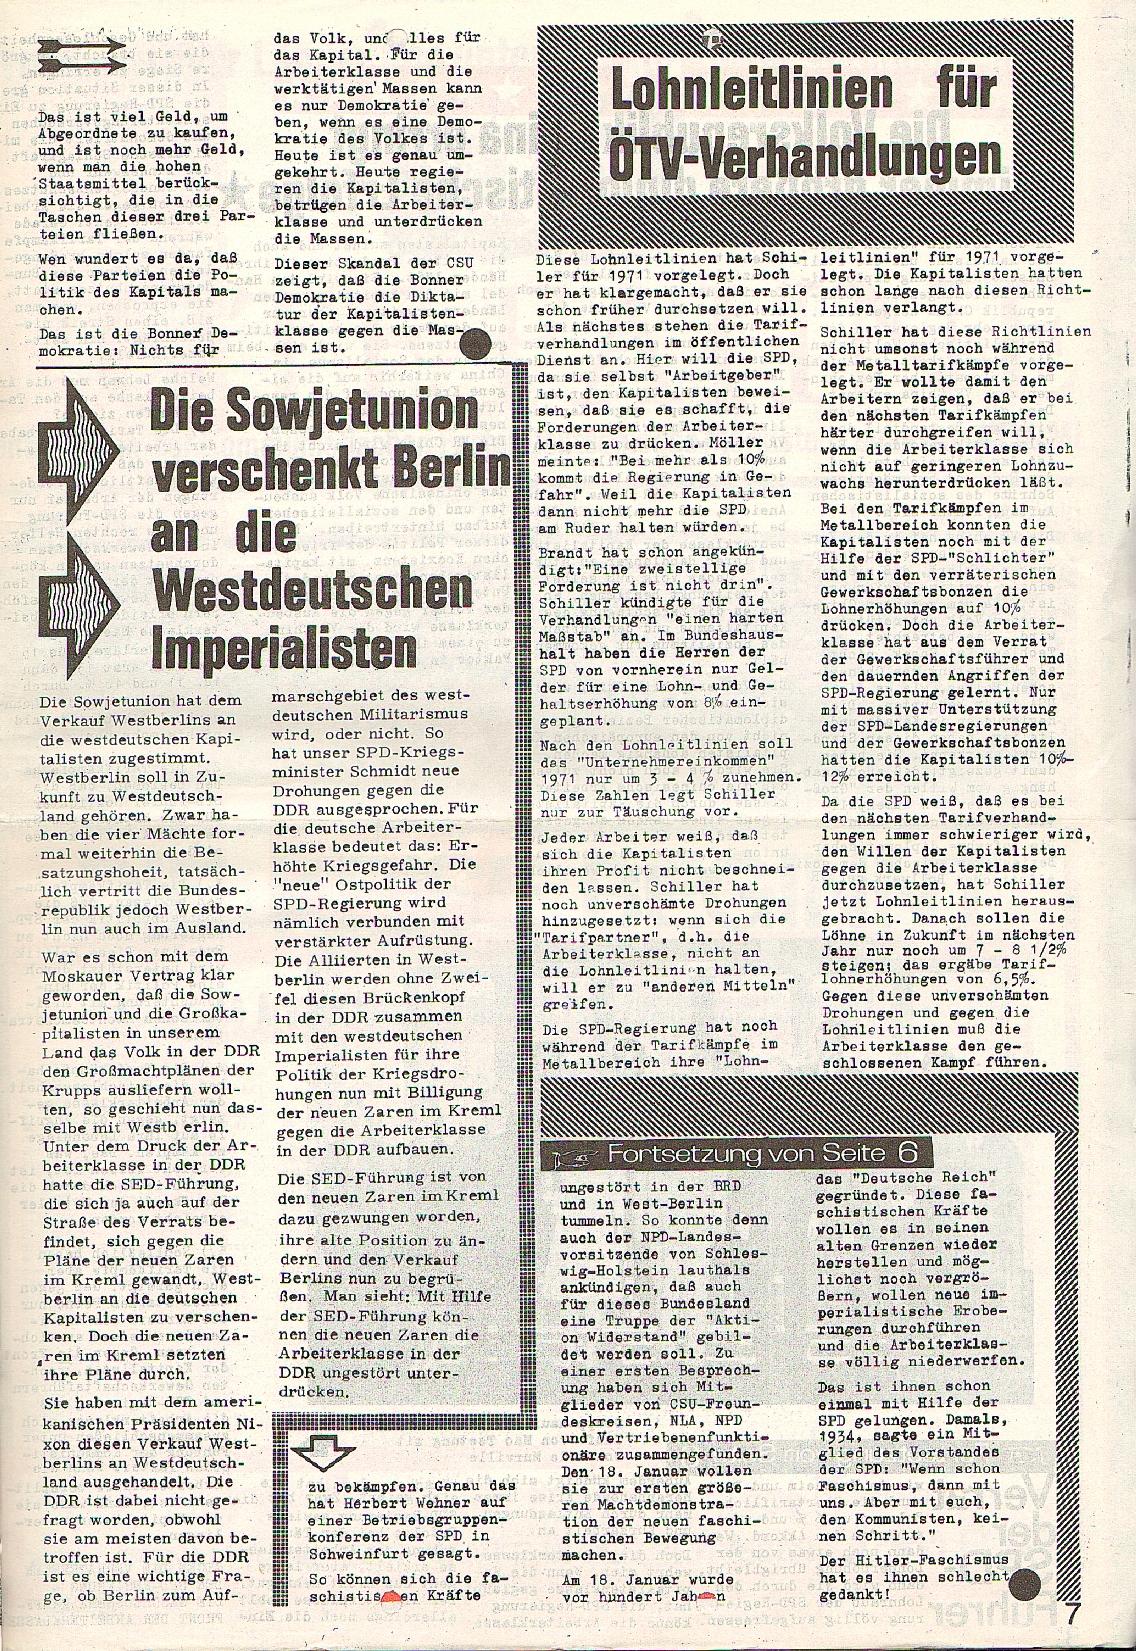 Rote Fahne, 1. Jg., 23.11.1970, Nr. 4, Seite 7